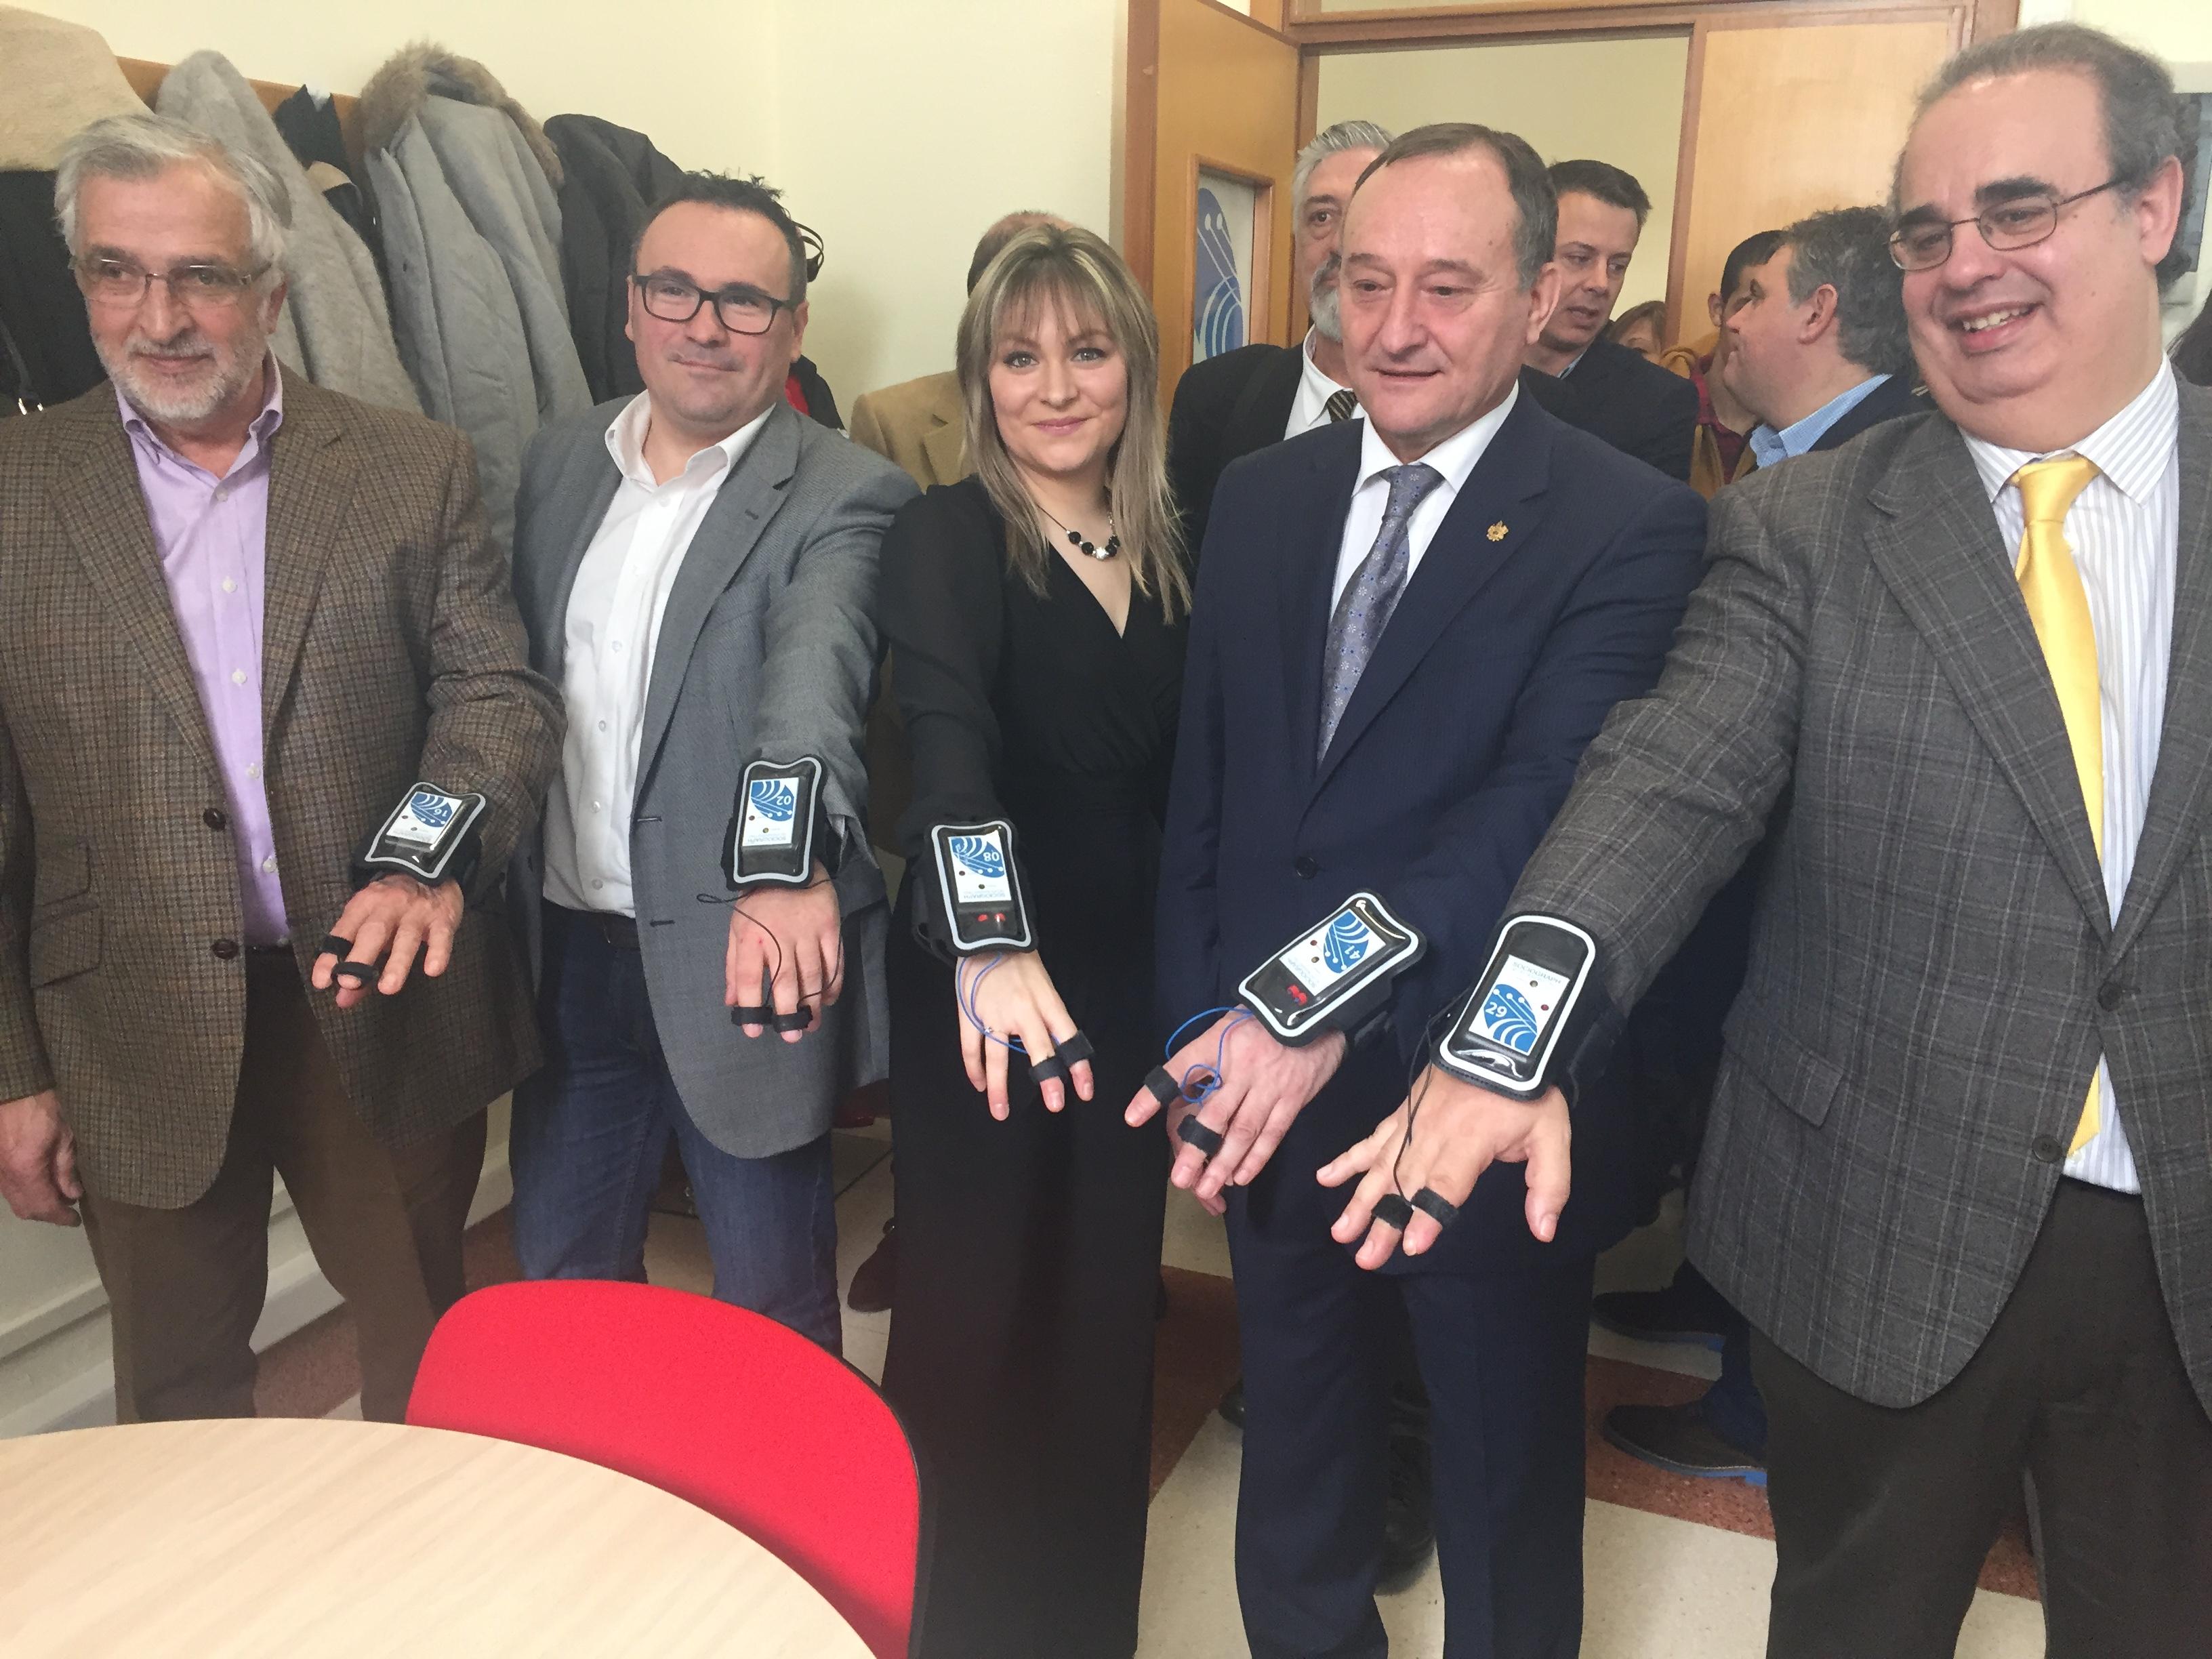 Martínez Herrador, Hornos, Martín e Insúa